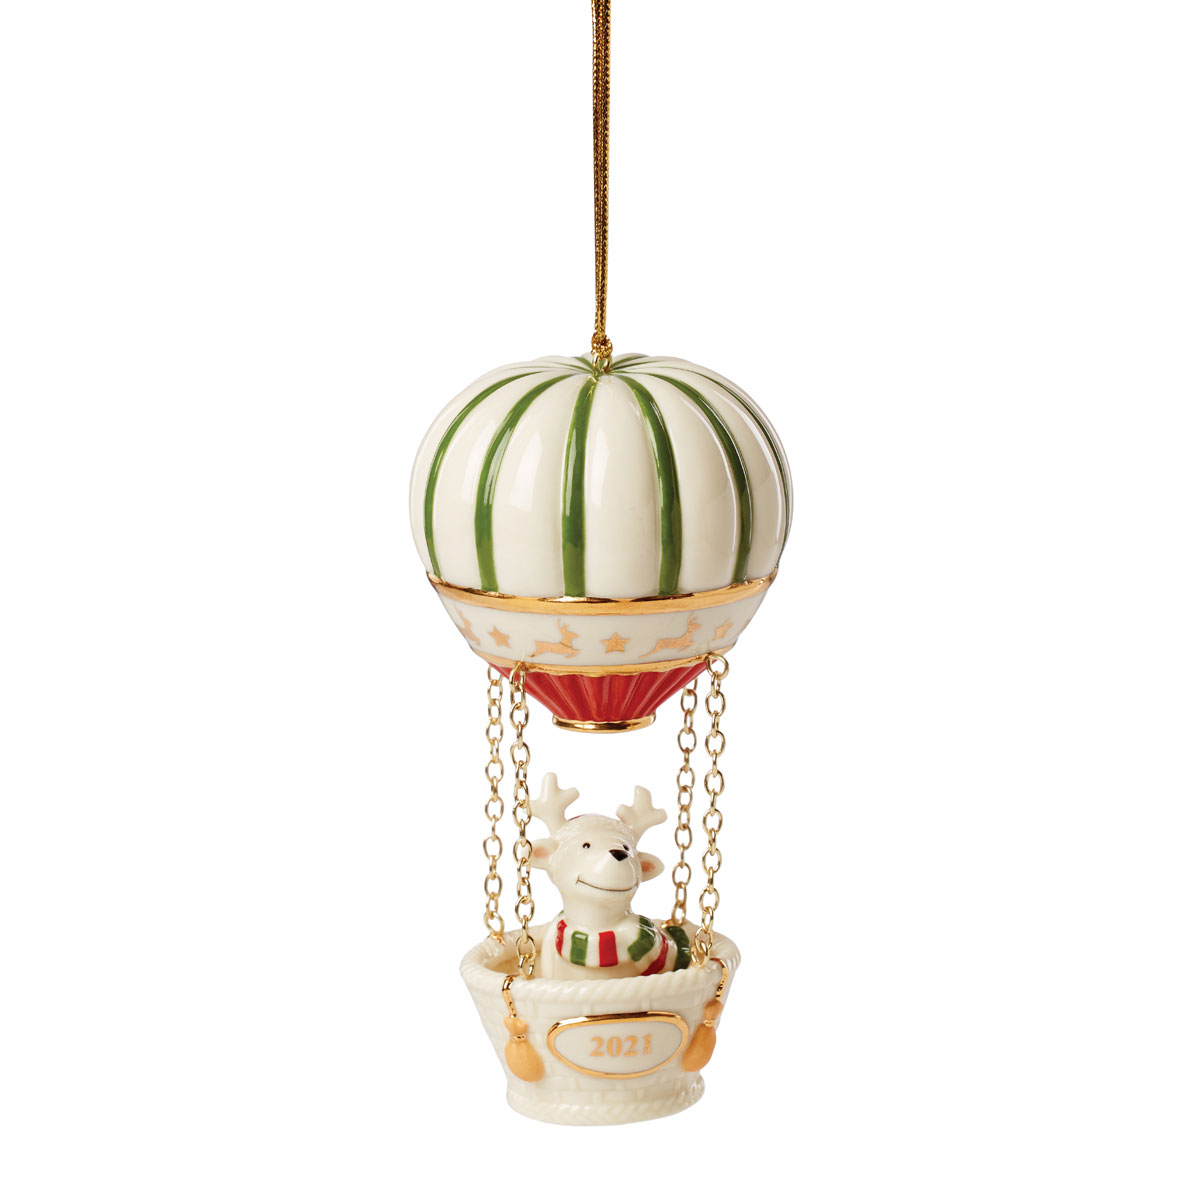 Lenox 2021 Ralph the Reindeer Hot Air Balloon Dated Ornament